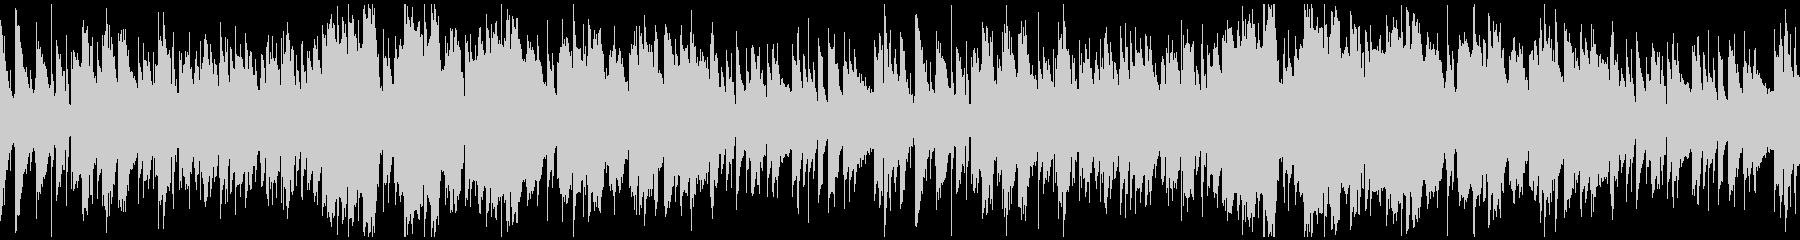 生演奏フルートの可憐なボサノバ:ループの未再生の波形